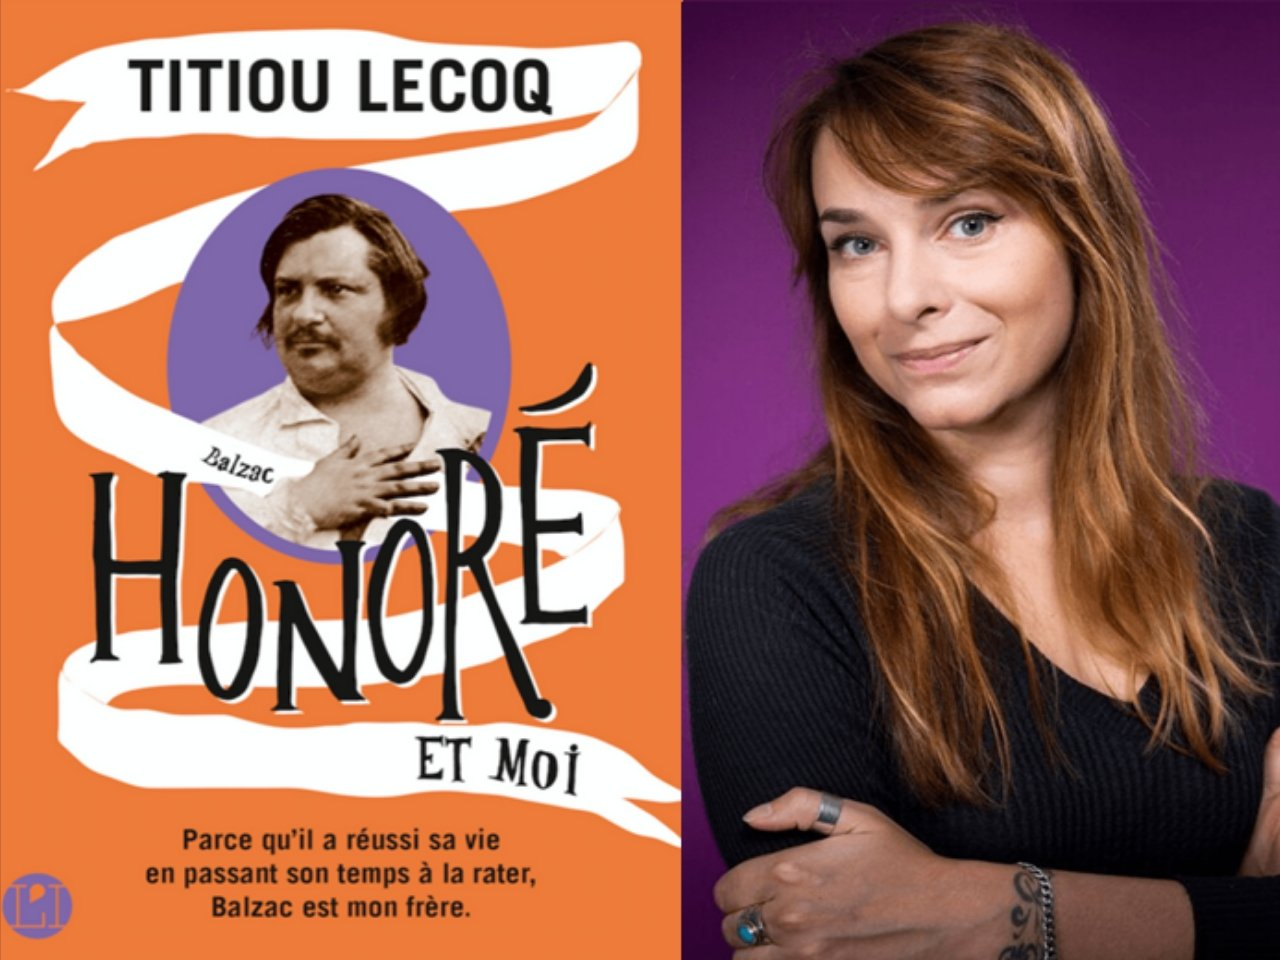 Titiou Lecoq et son nouveau livre : Honoré et Moi